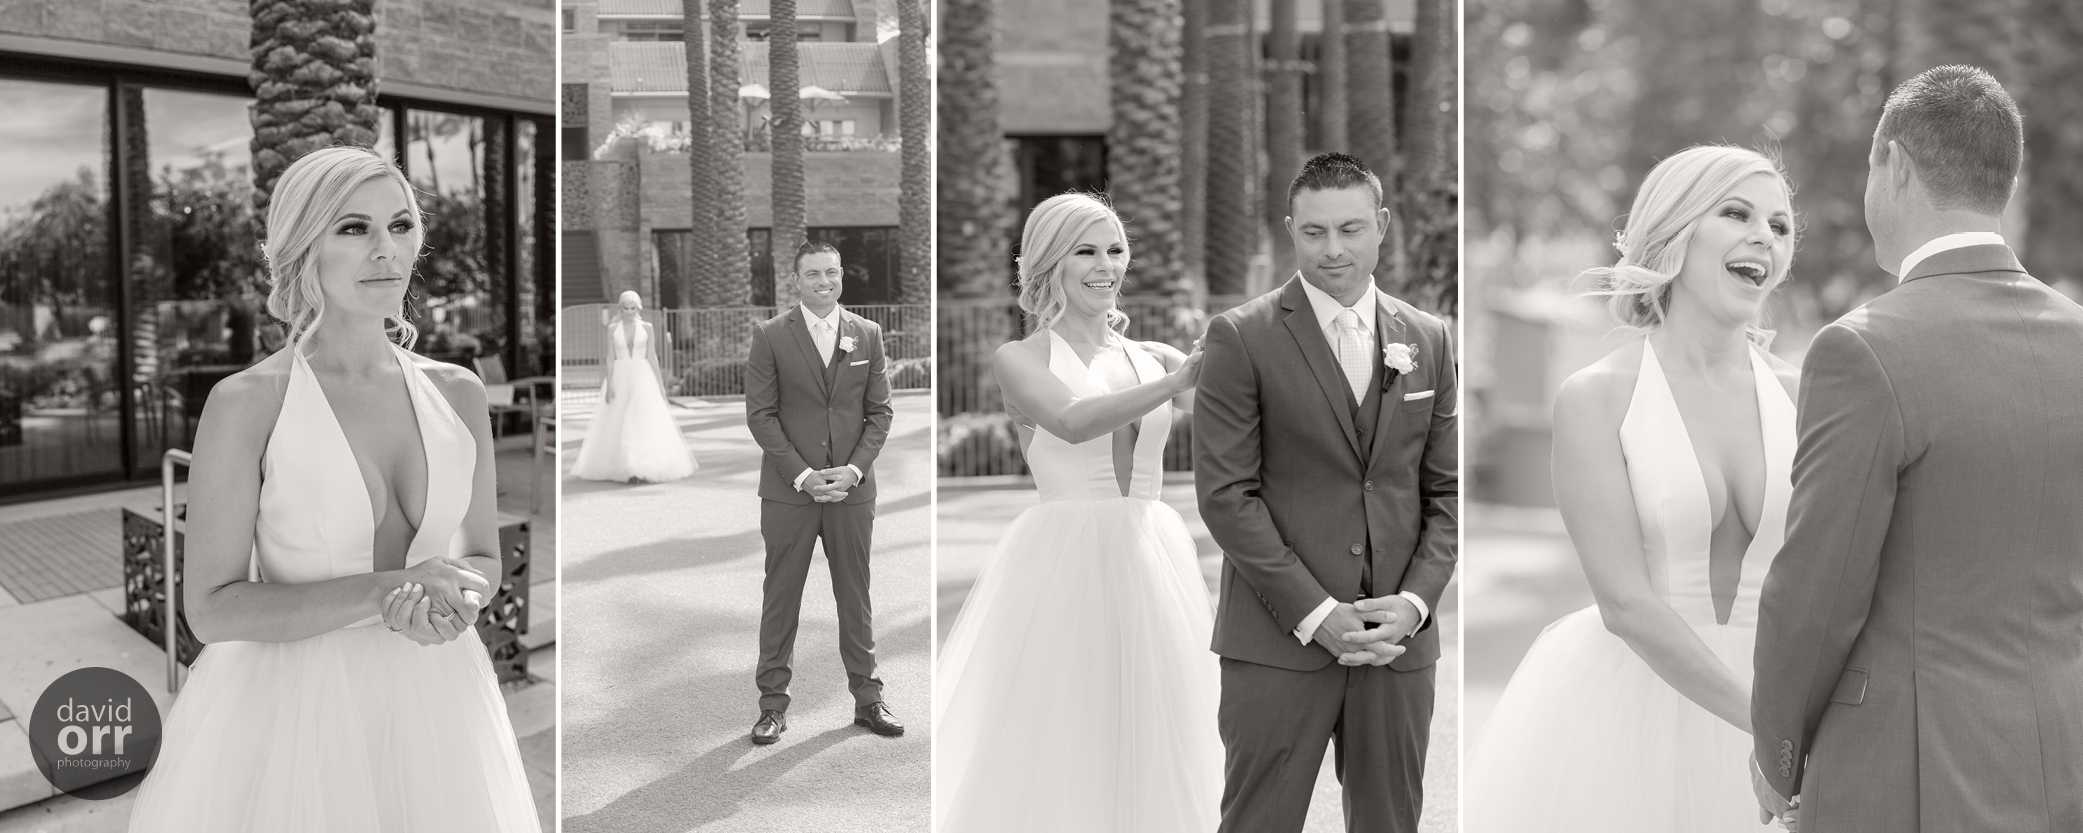 DavidOrrPhotography_Gainey-Ranch-Wedding-Couple.jpg